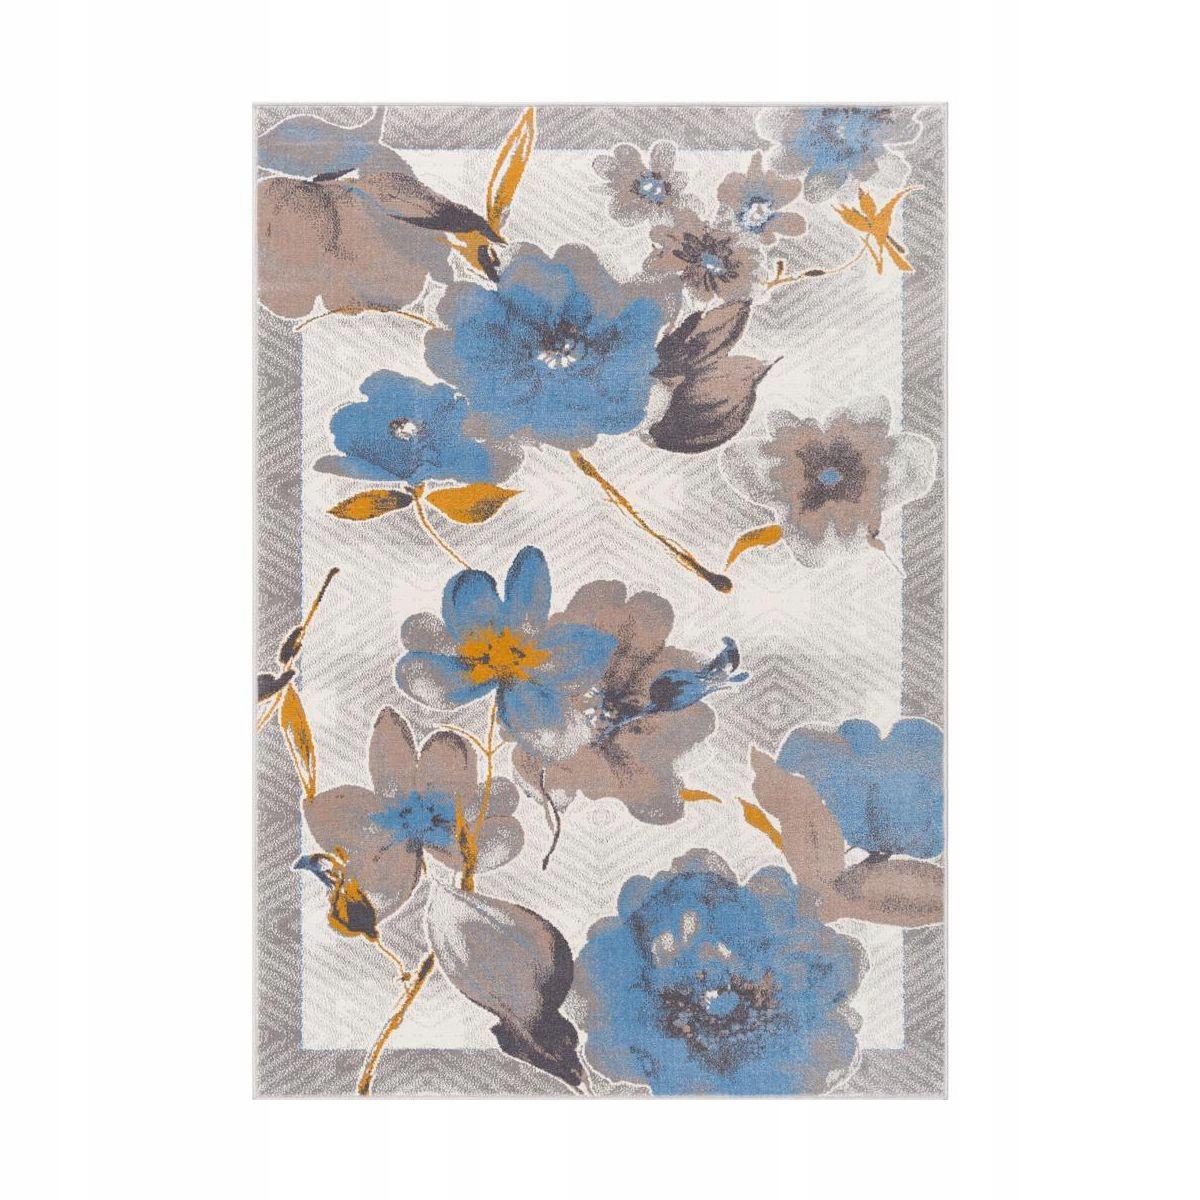 Ozdobny Dywan Do Salonu W Kwiaty Huntes 160x230 7544133000